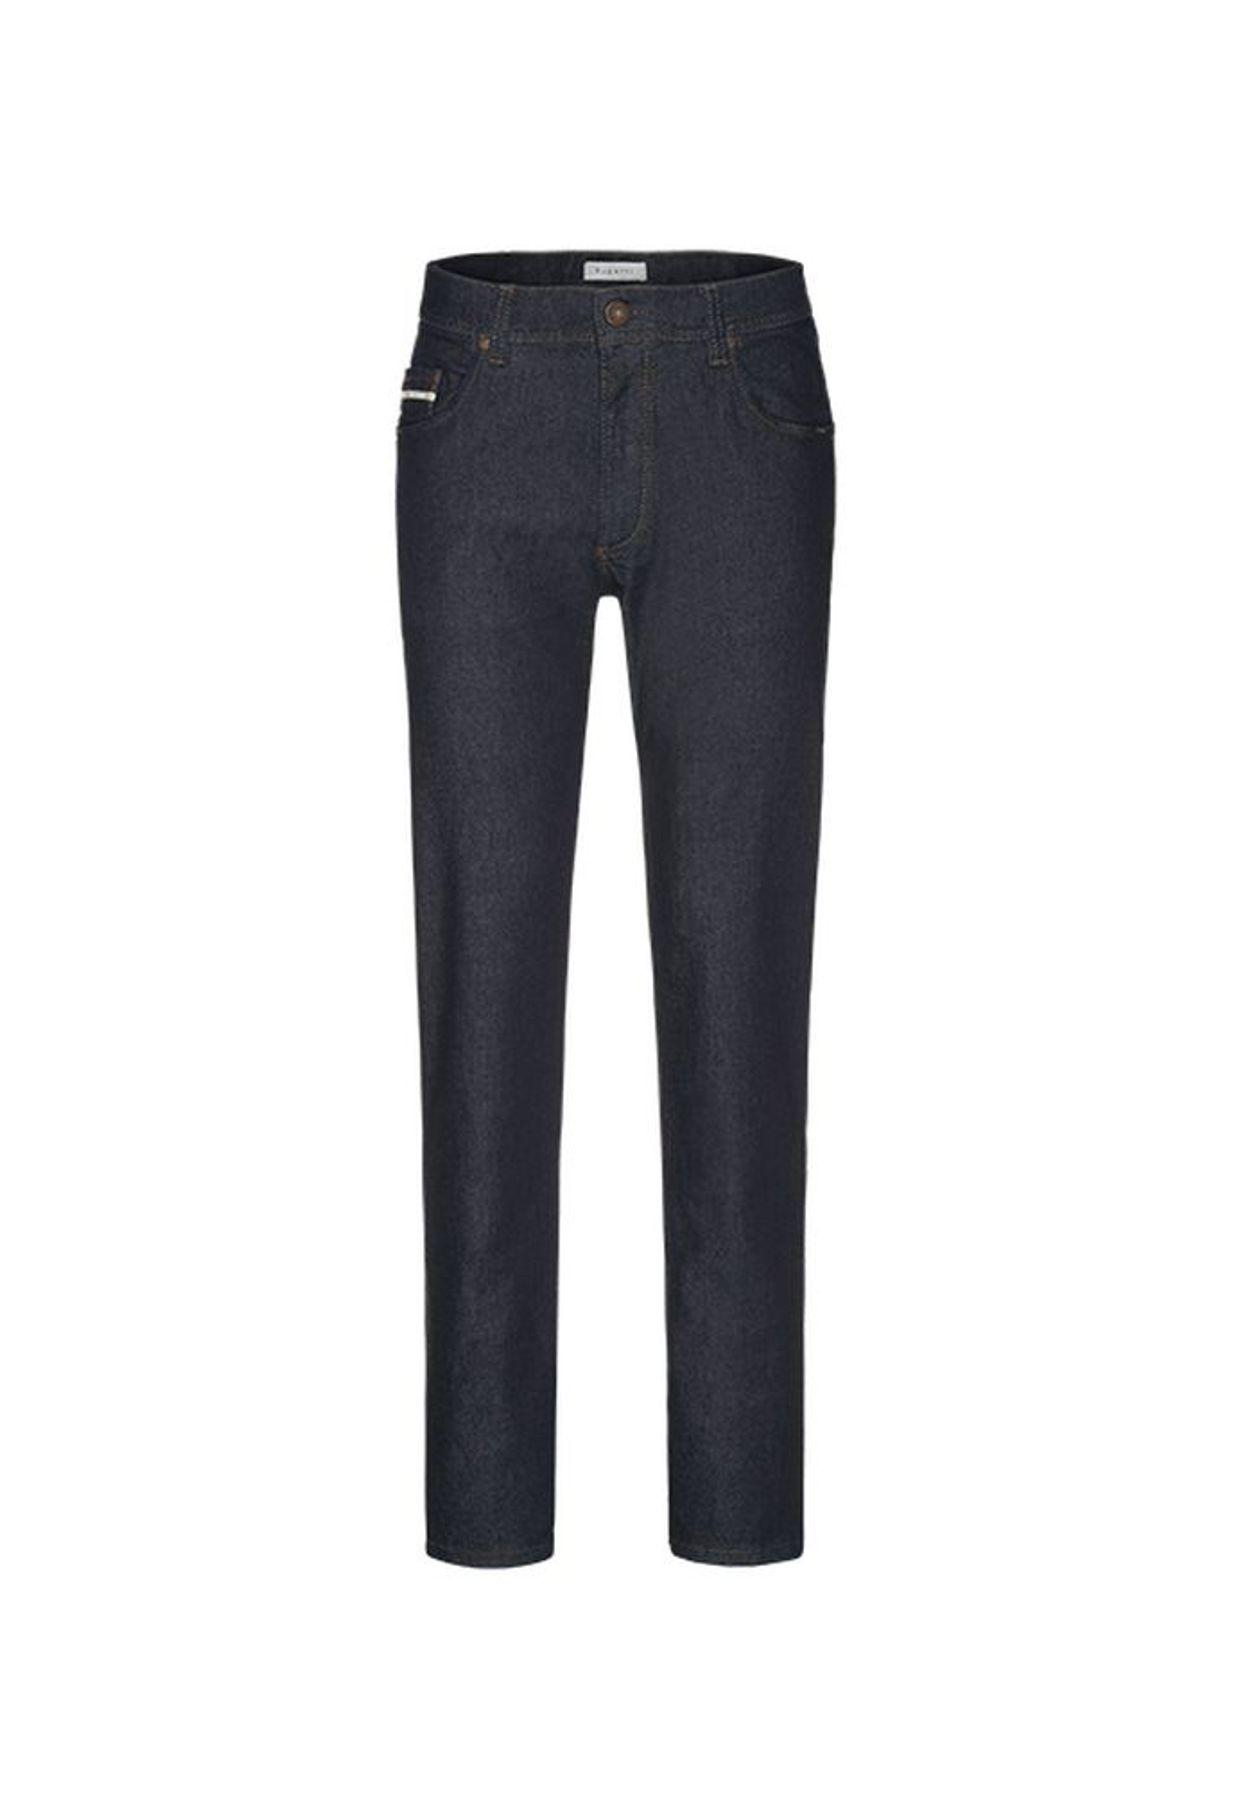 Bugatti - Herren Jeans in verschiedenen Farben (Art. Nr.: 26612-3919D) – Bild 1